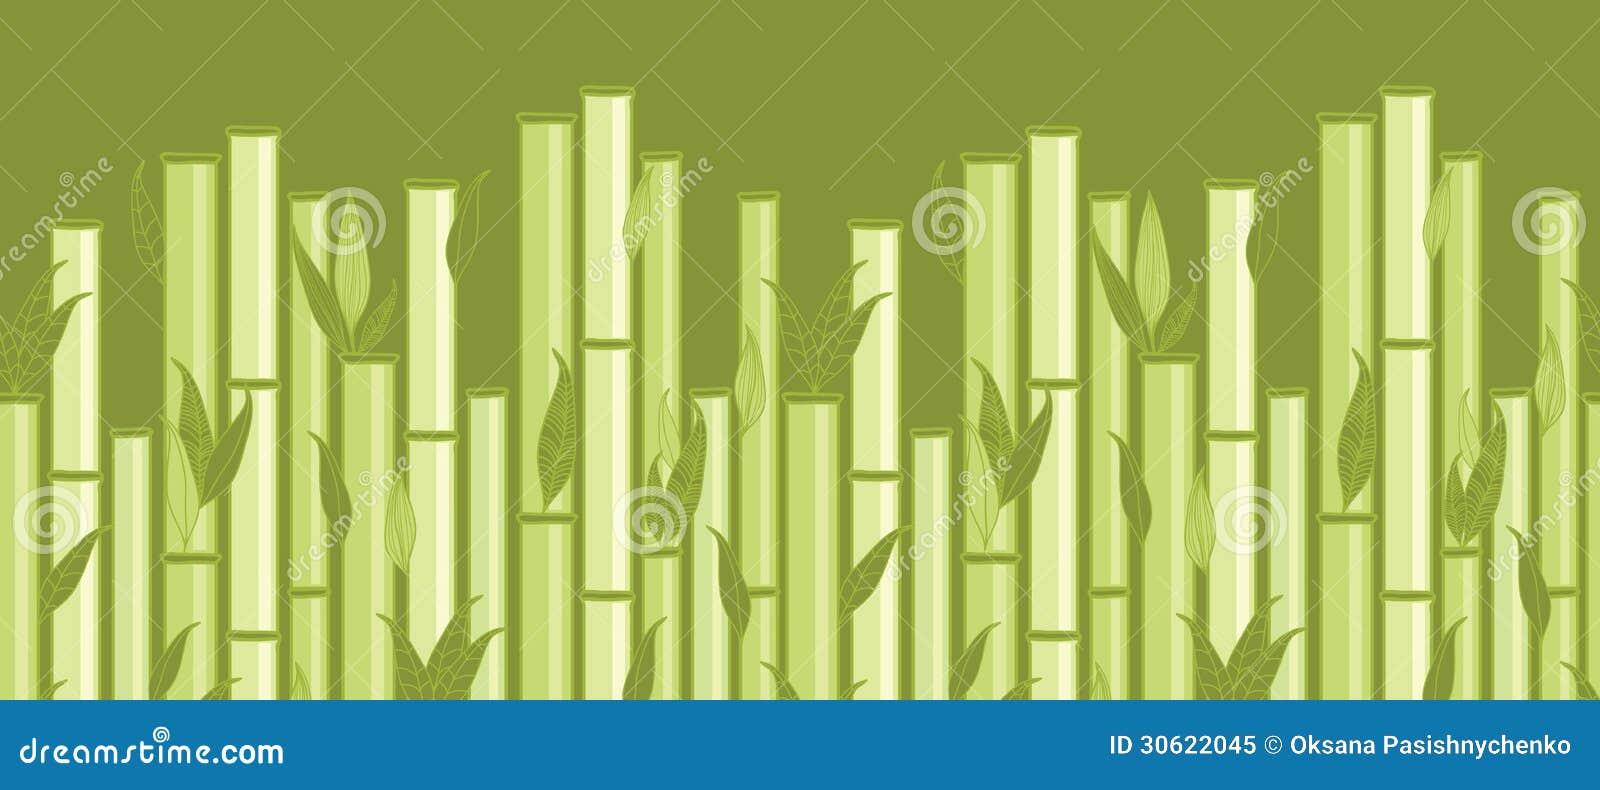 tiges en bambou et sans couture horizontal de feuilles illustration de vecteur illustration du. Black Bedroom Furniture Sets. Home Design Ideas